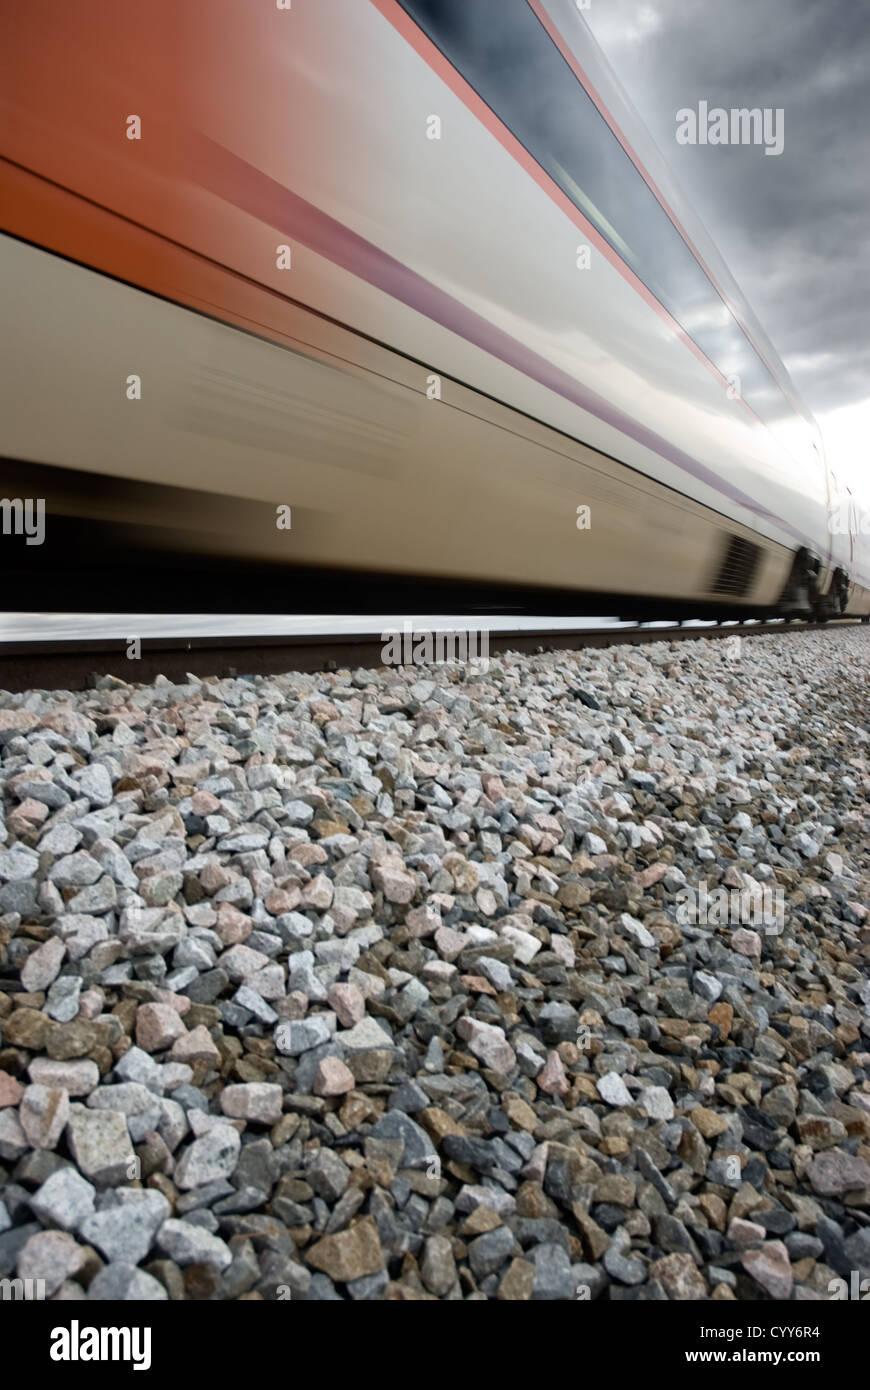 Un treno in movimento. Simbolo di velocità Immagini Stock